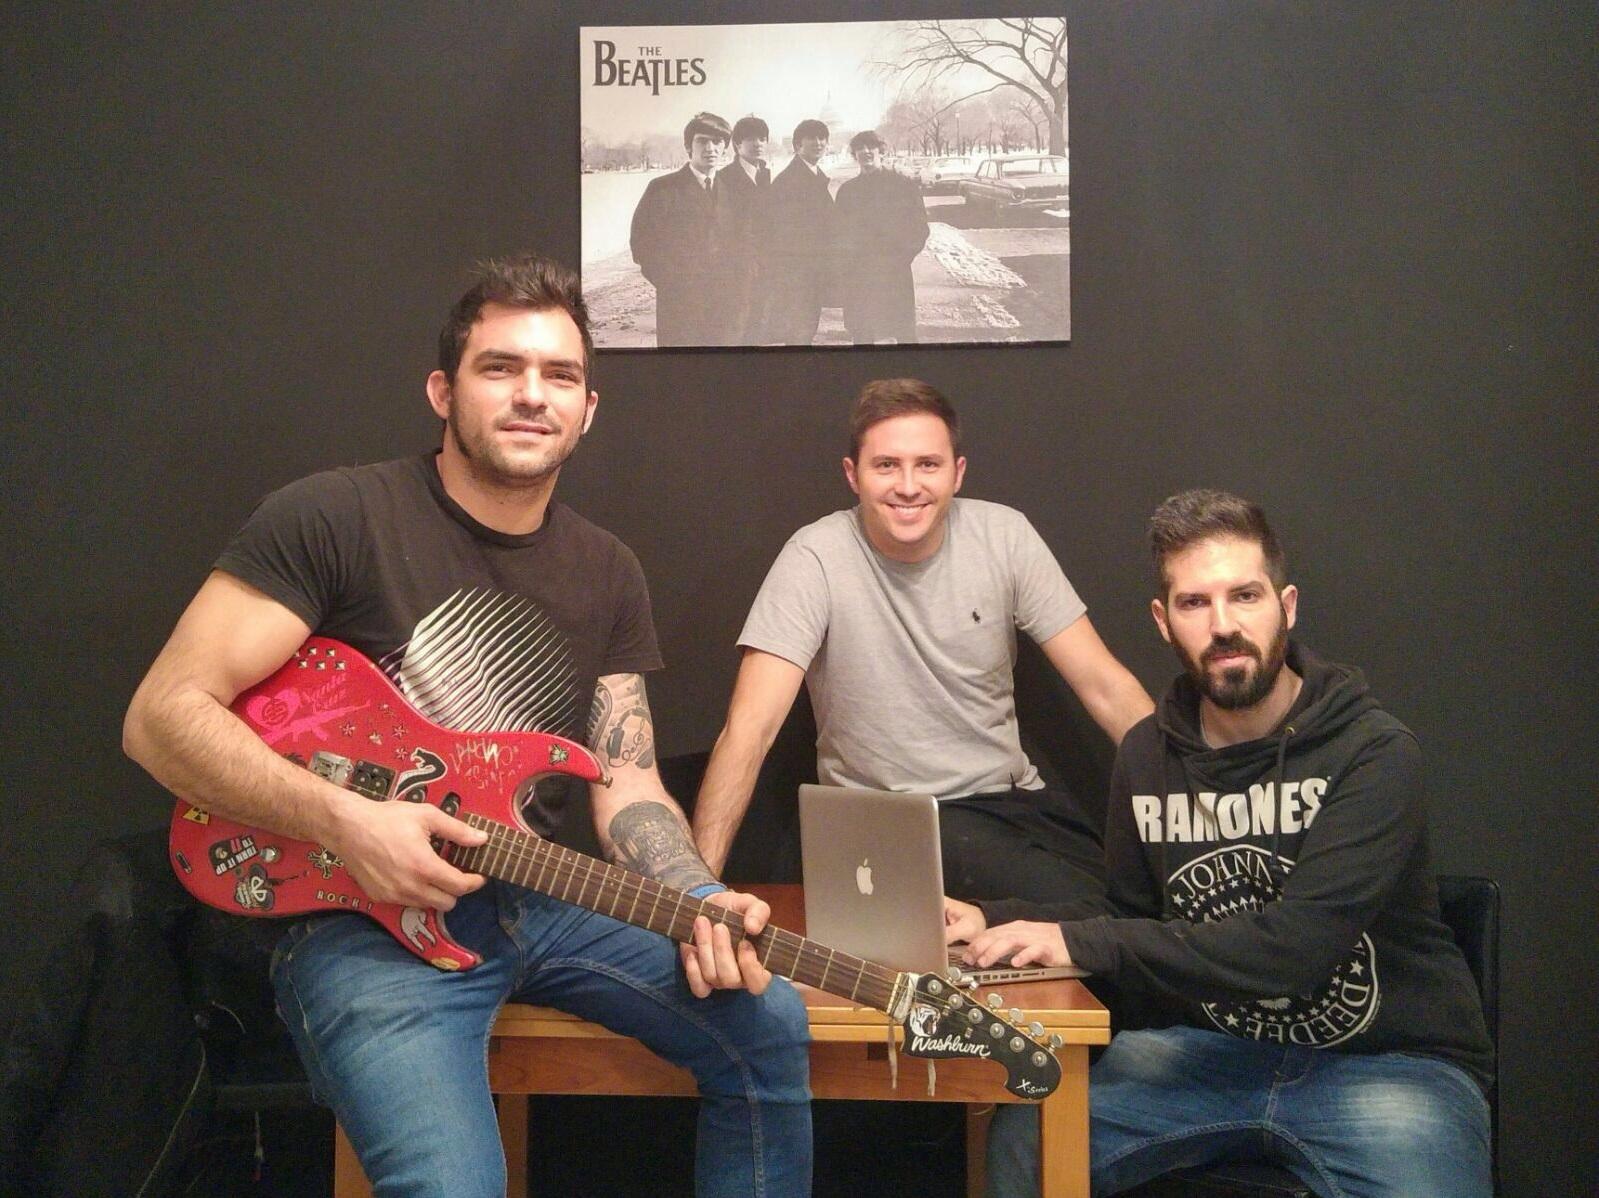 Tres valencianos triunfan con su plataforma lanzadera músical